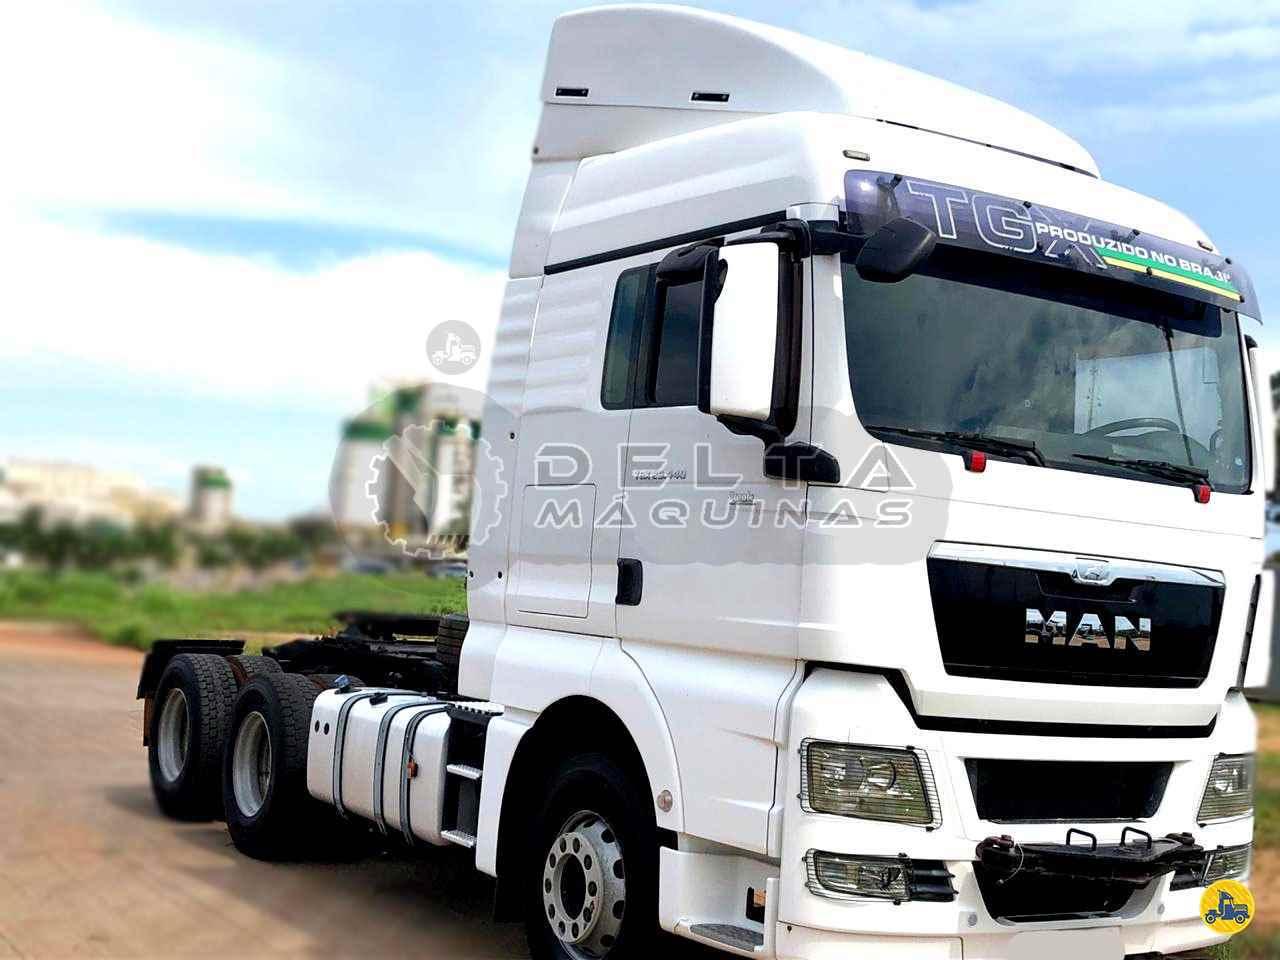 CAMINHAO MAN TGX 29 440 Cavalo Mecânico Traçado 6x4 Delta Caminhões e Máquinas LONDRINA PARANÁ PR